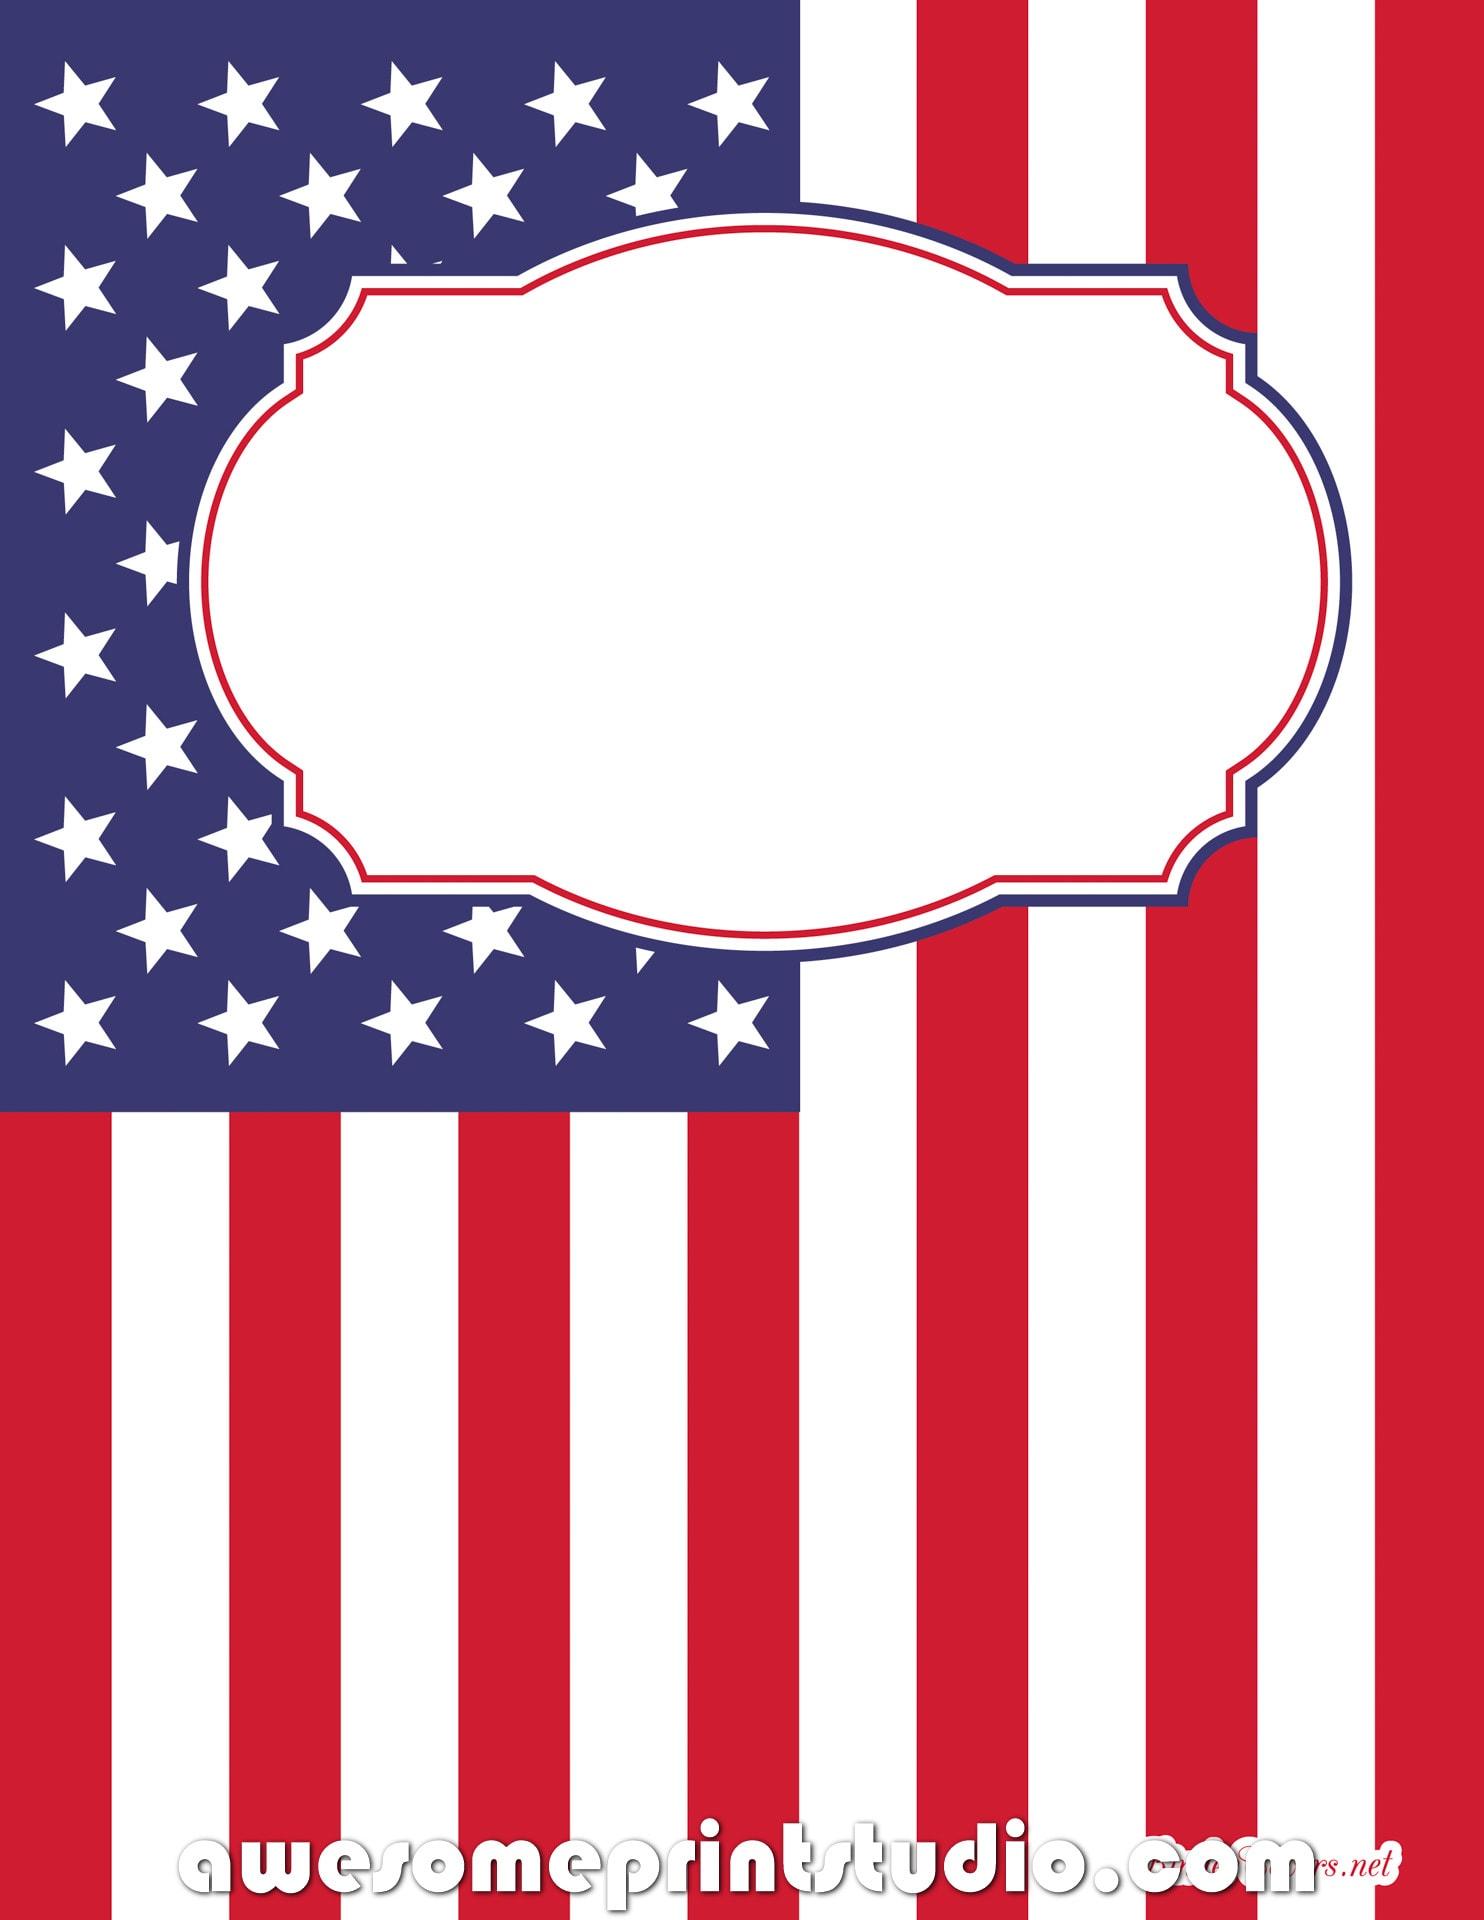 распечатать красивые обложки для тетрадей с американским флагом a4f4b28f